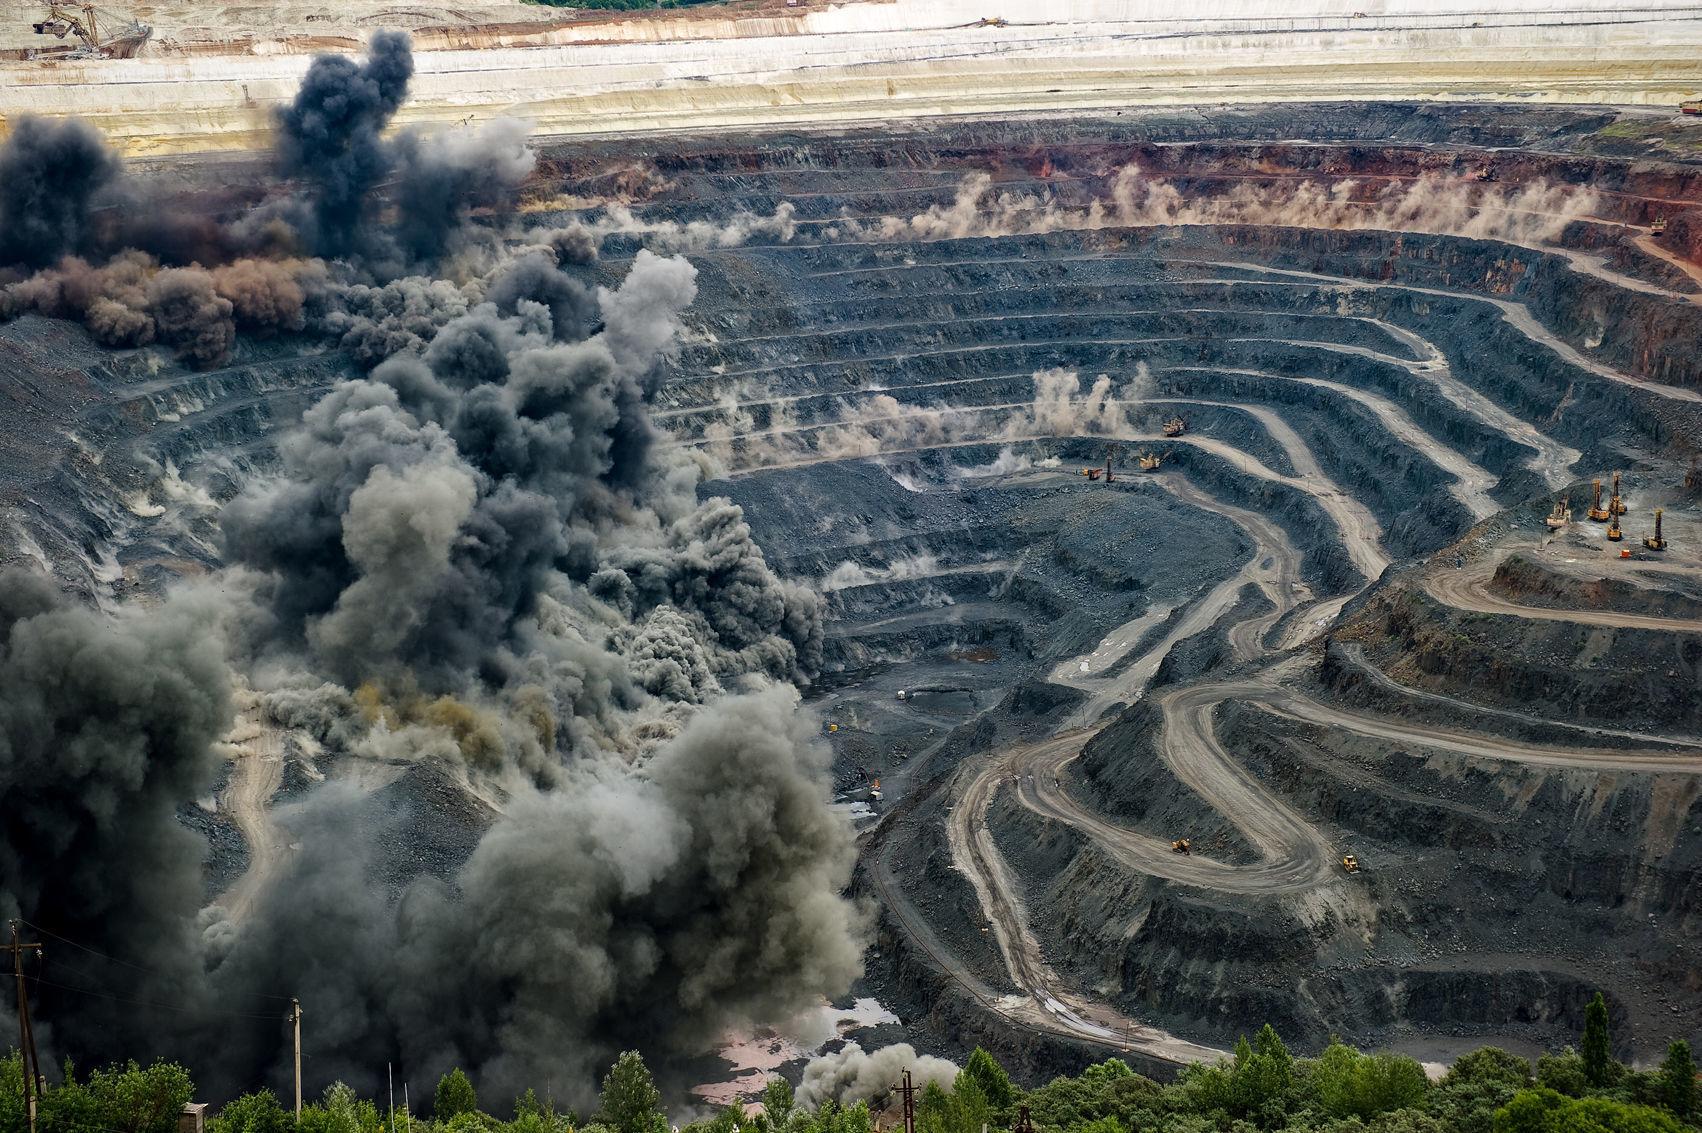 влияние на экологию добыча угля